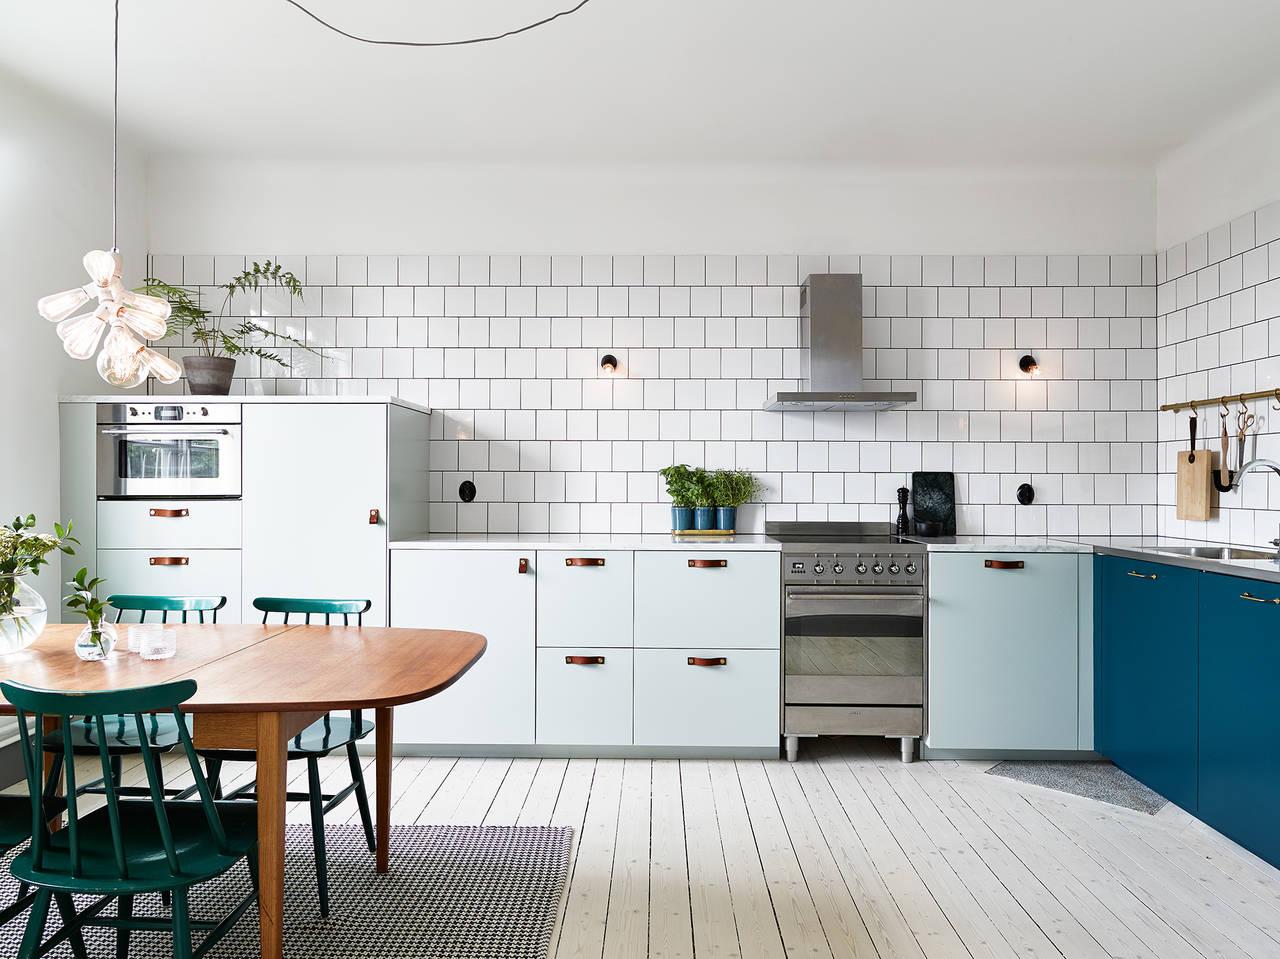 Huis met blauwe keuken als eyecatcher   interior junkie